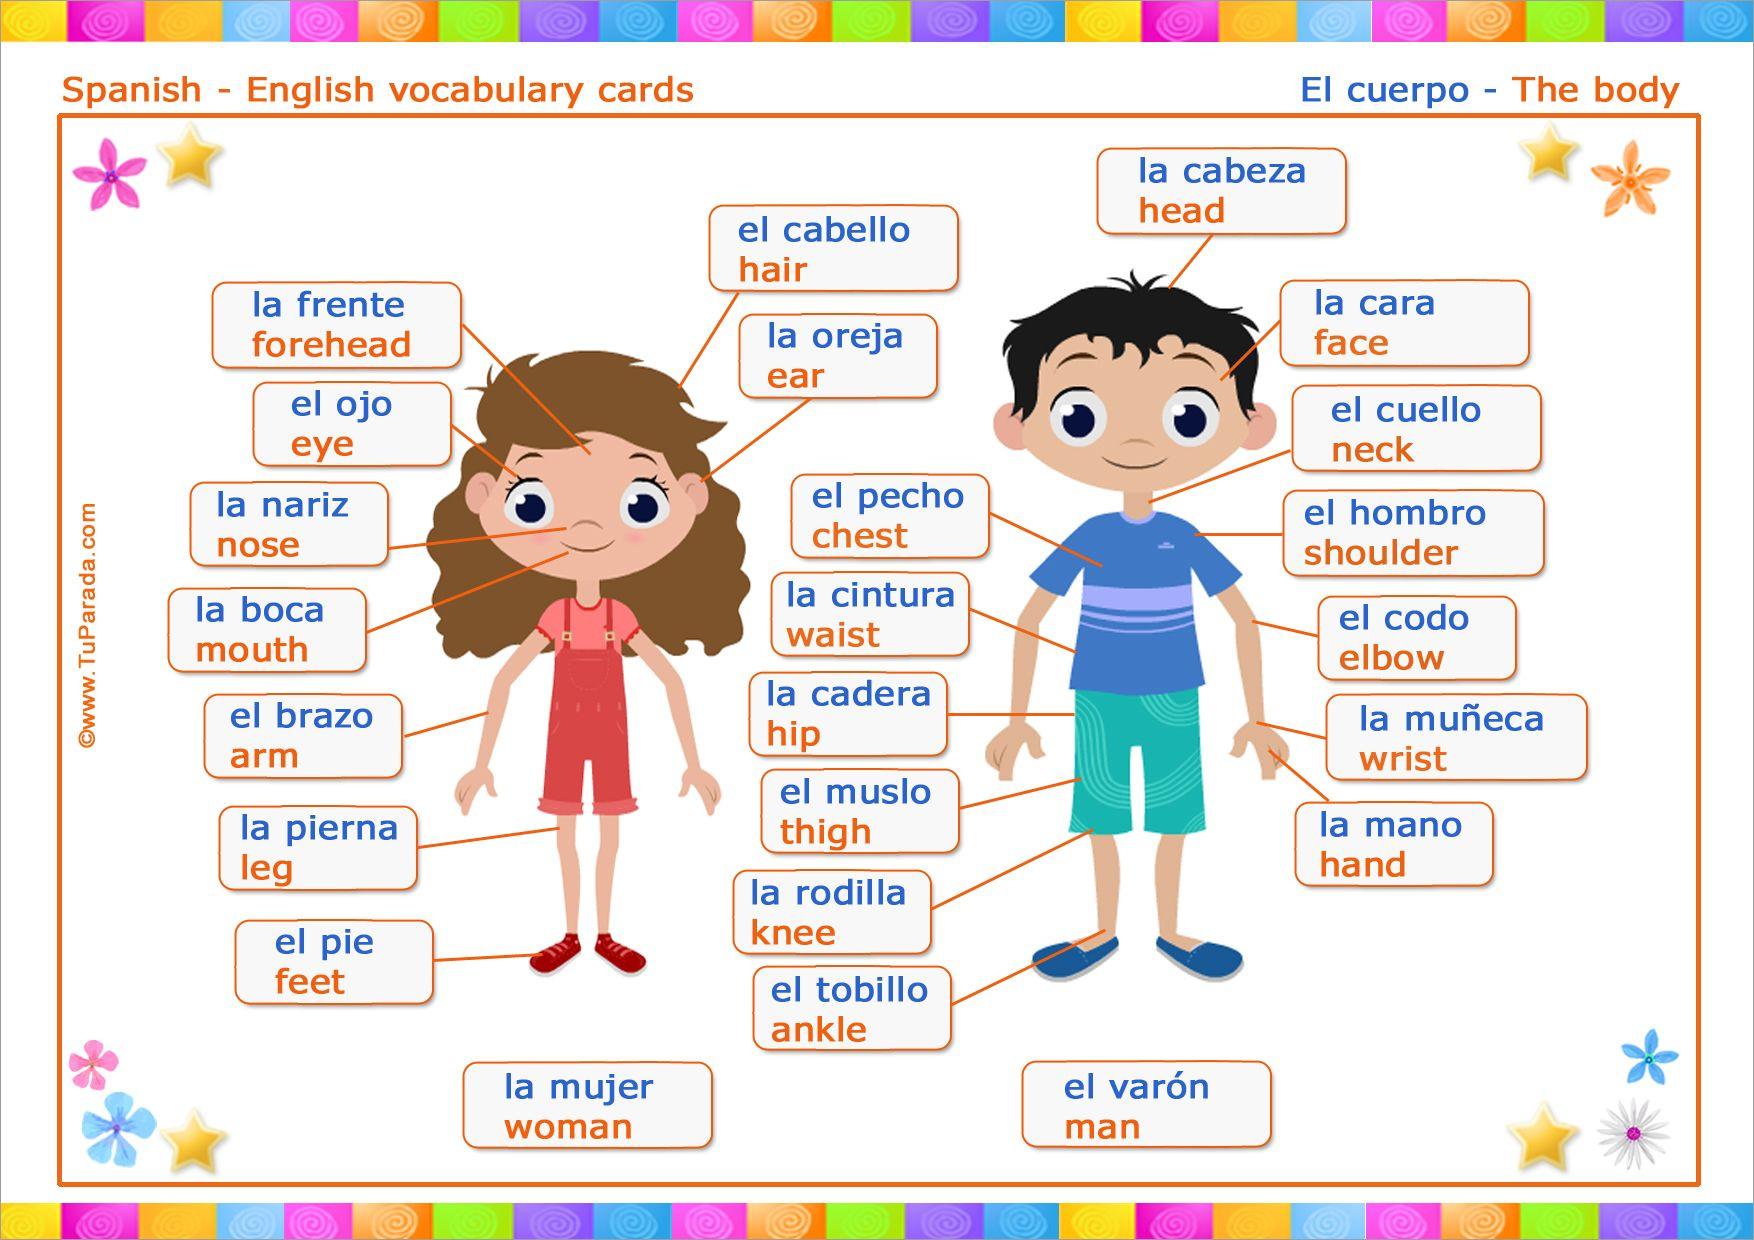 Vocabulario Español Inglés El Cuerpo The Body Vocabulario Español In Partes Del Cuerpo En Ingles Vocabulario Español Tarjetas De Vocabulario En Español